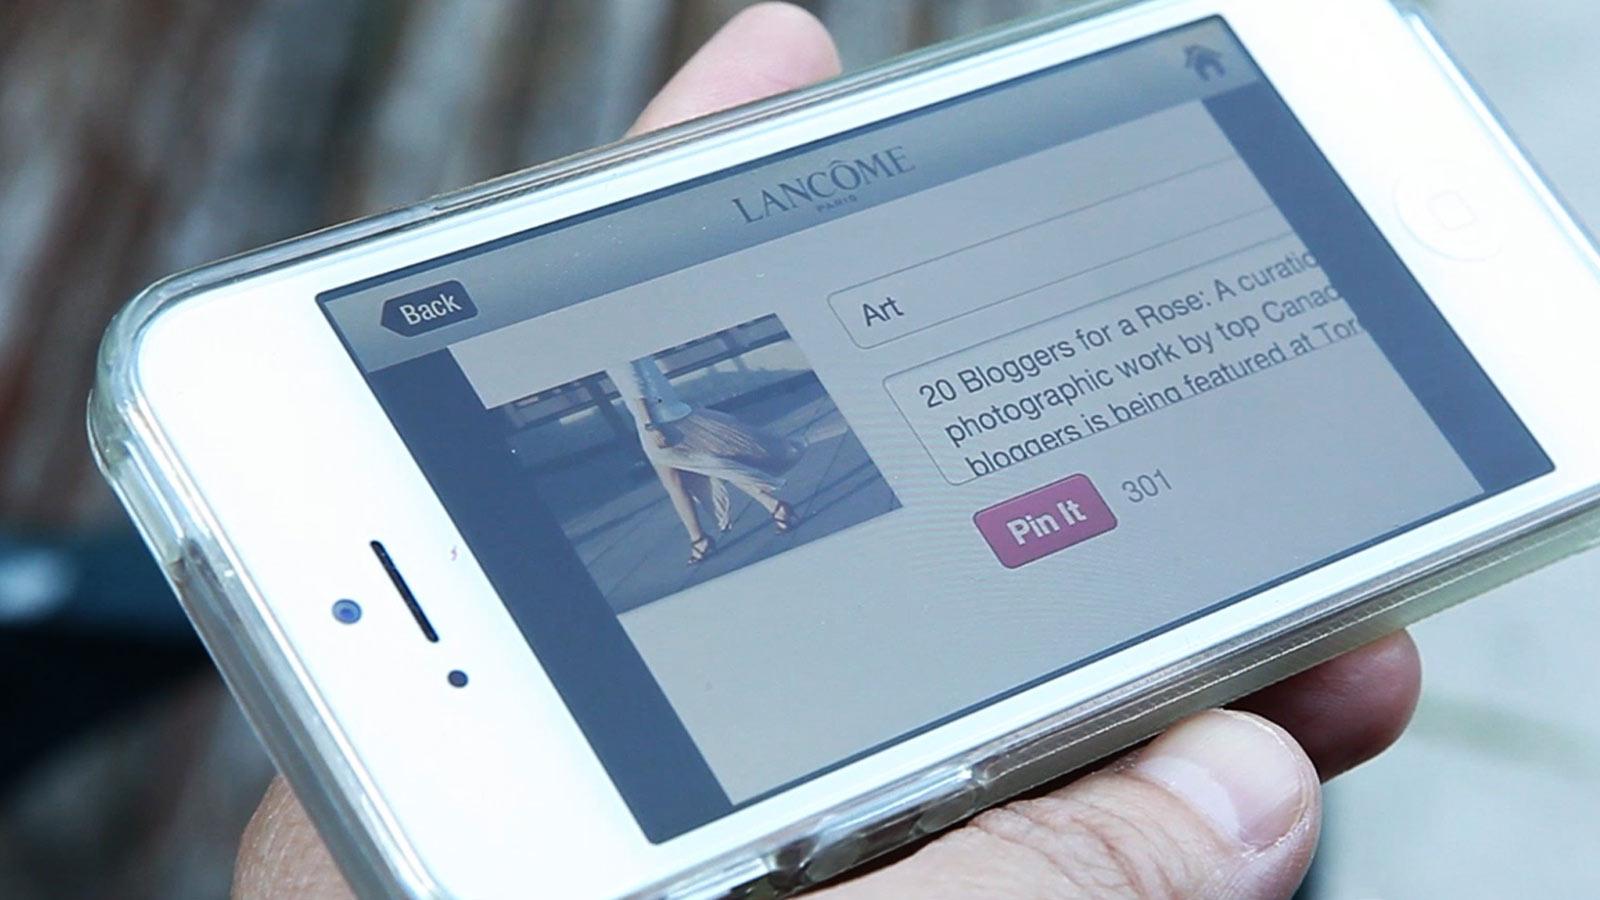 Lancôme | Premier logo sur carte thermique | Application mobile, Expérience utilisateur, Innovation numérique, Marketing événementiel, Marketing expérientiel, Mobile, Réalité augmentée